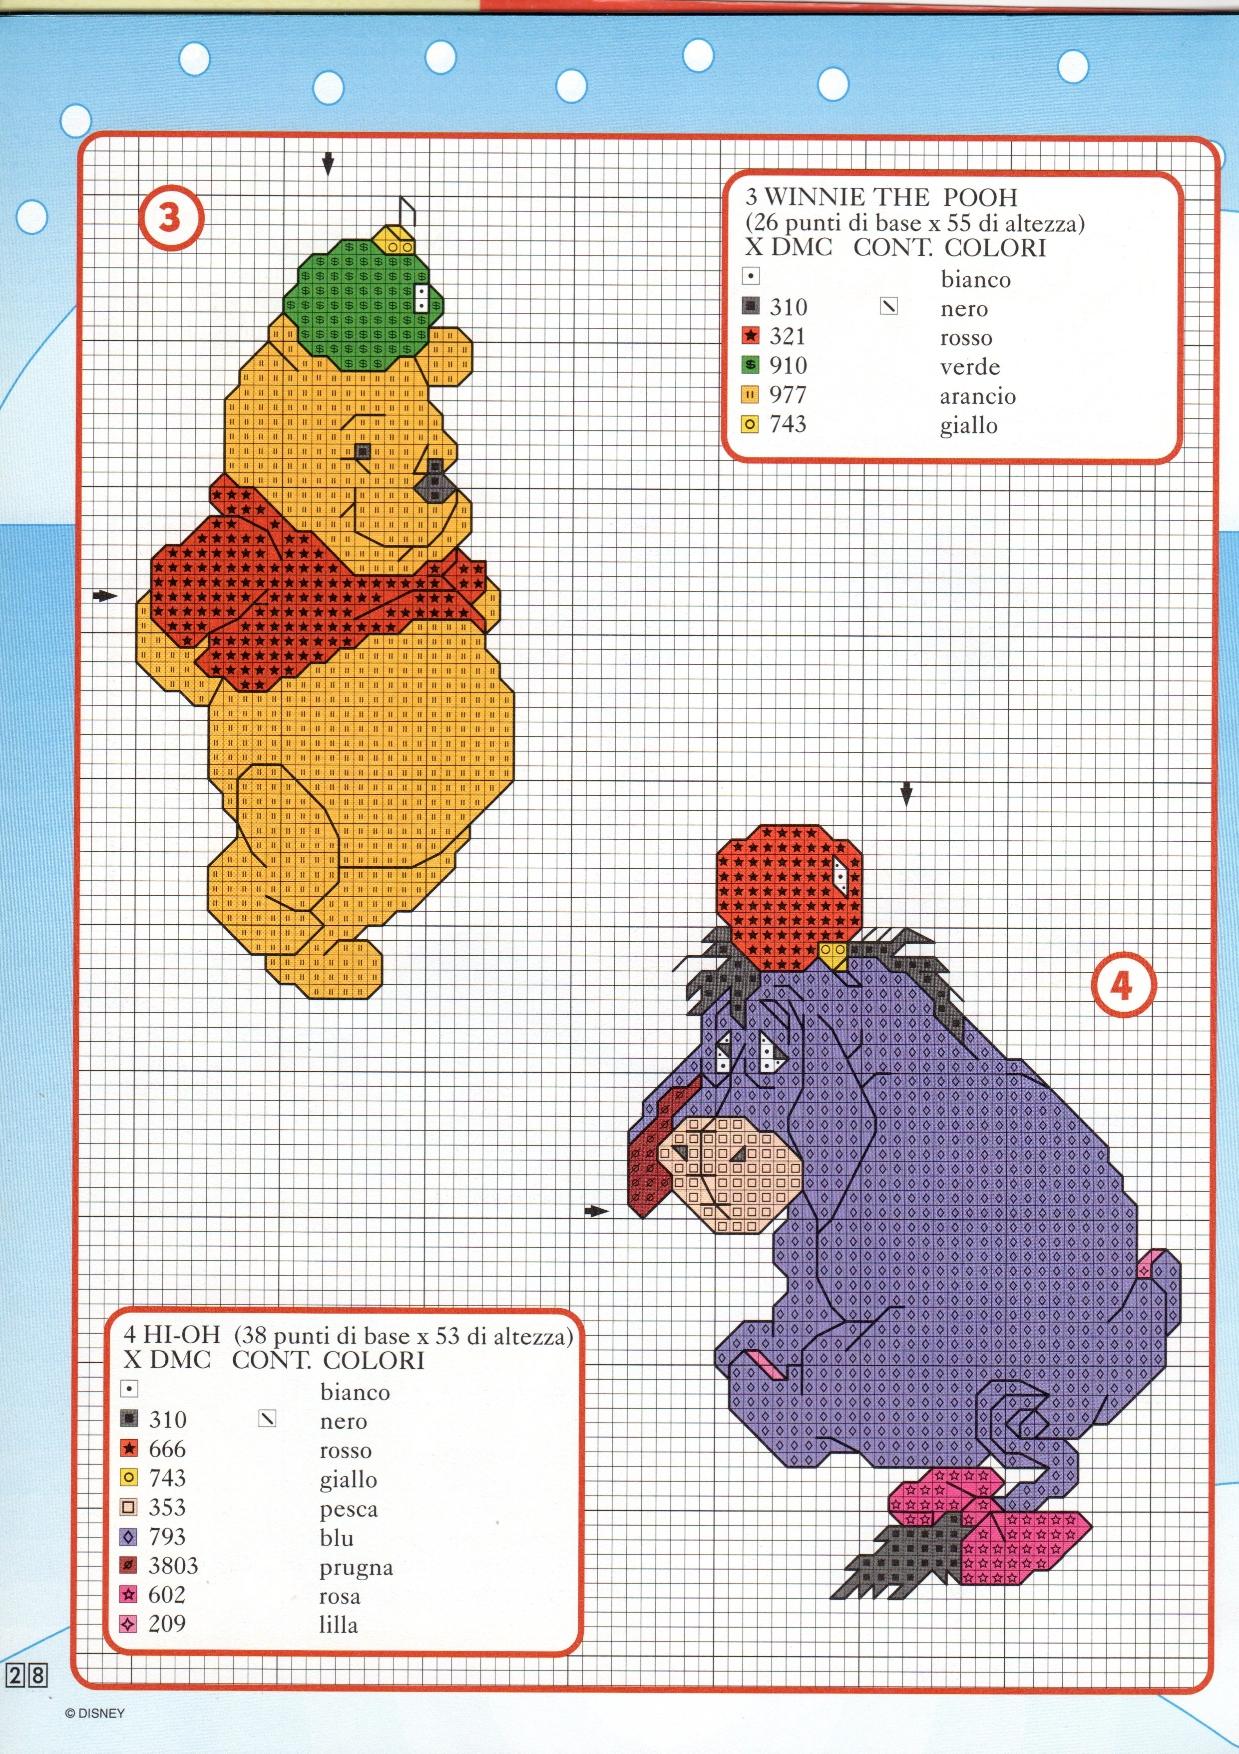 Winnie the pooh e hi oh schemi da ricamare magiedifilo for Winnie the pooh punto croce